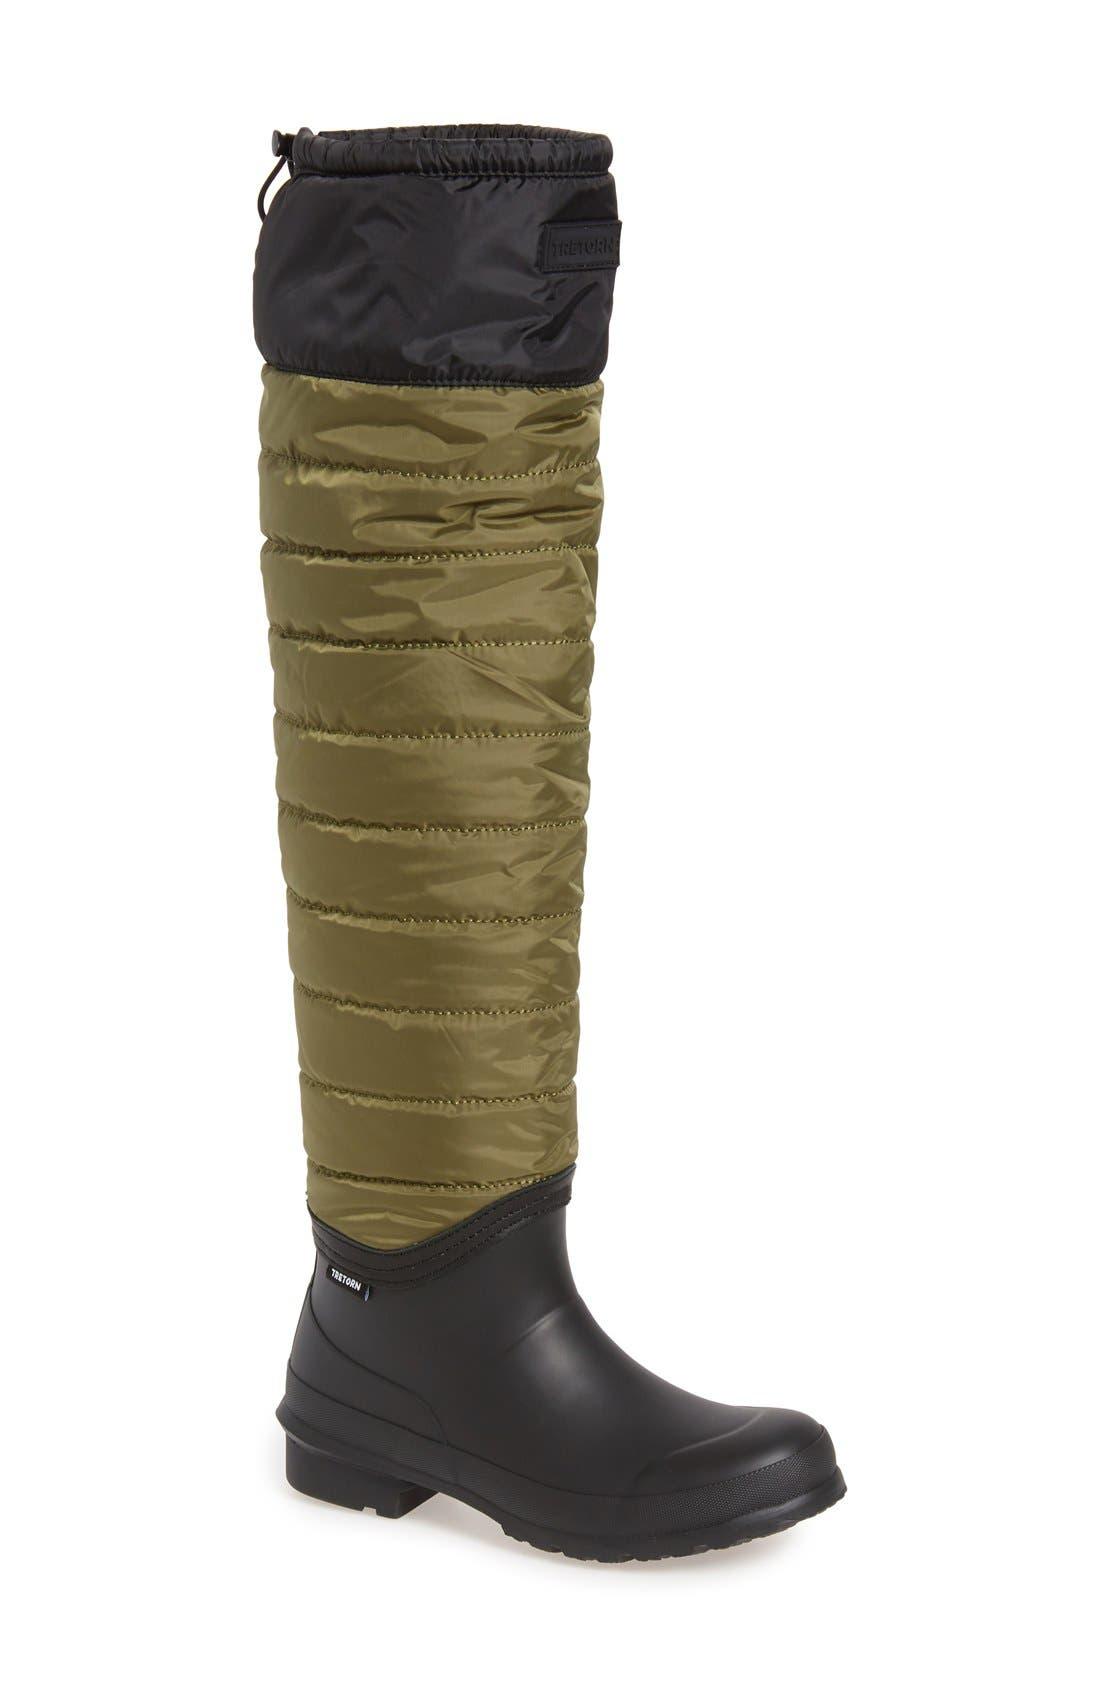 Tretorn Harriet Over The Knee Boots Women